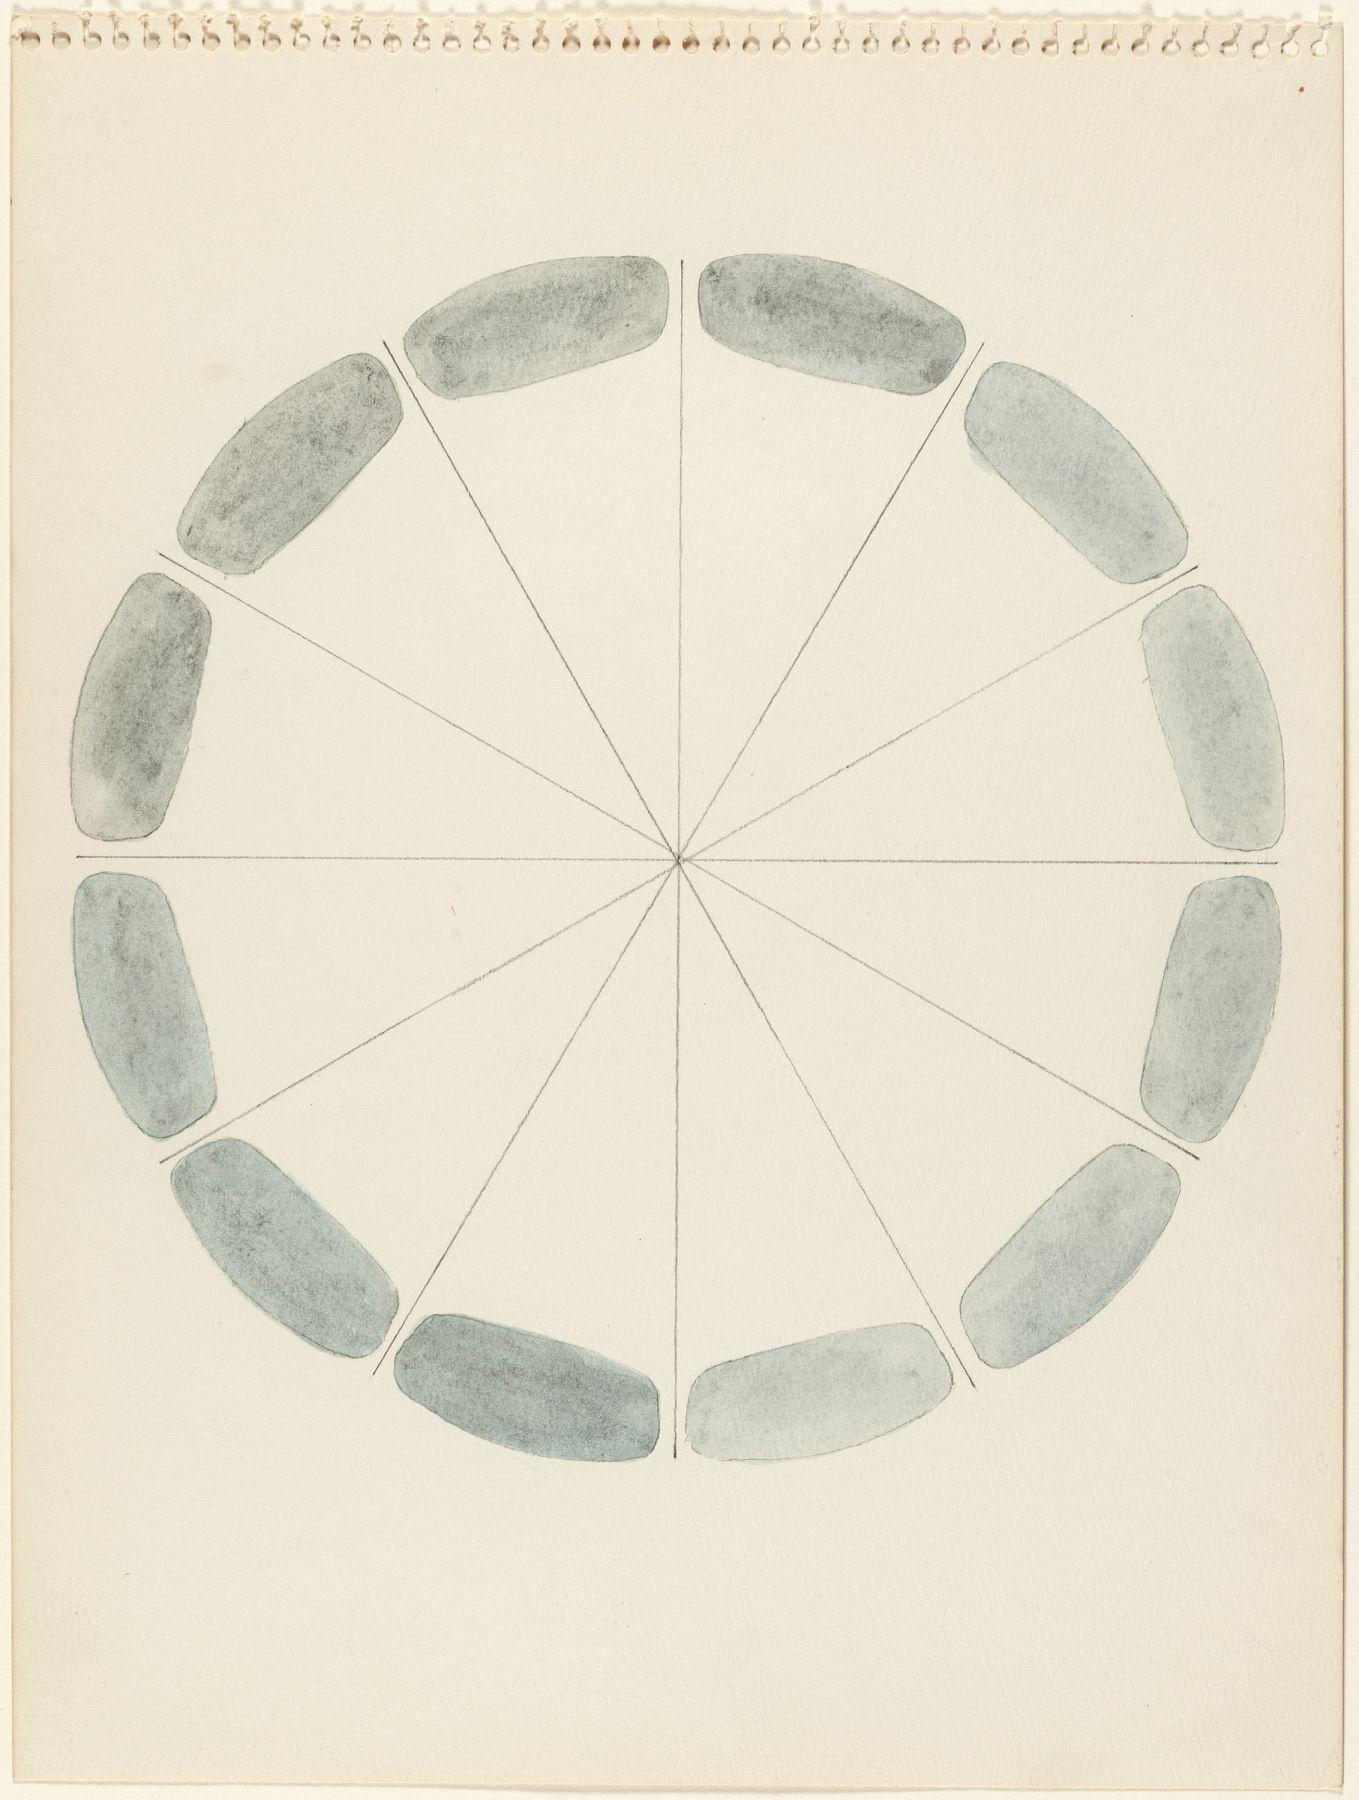 Richard Tuttle,Any Grey, 1972.